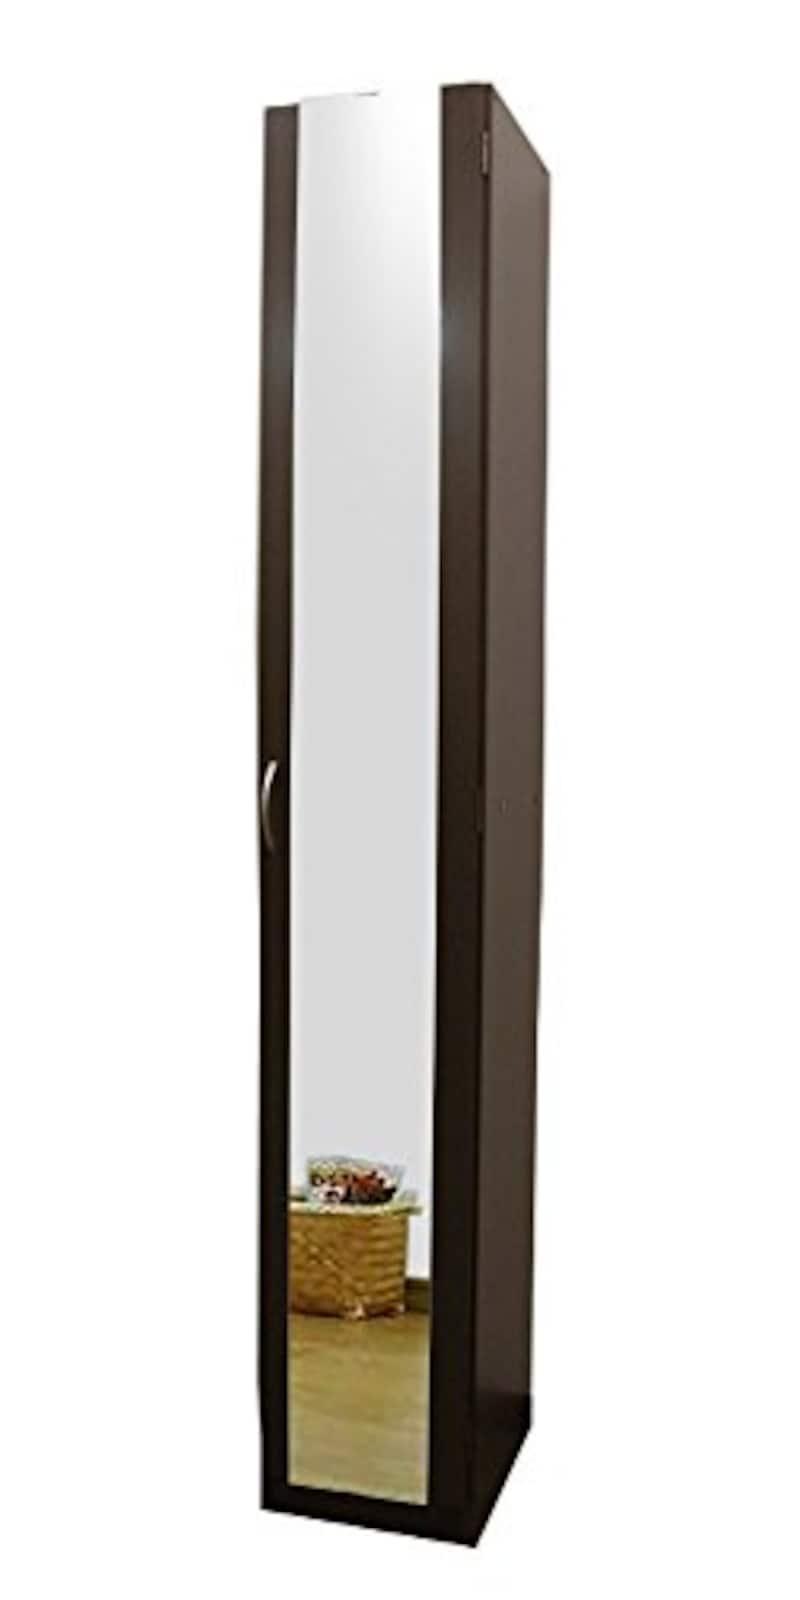 家具工場直販 家具ファクトリー,ミラー付き スリム シューズボックス